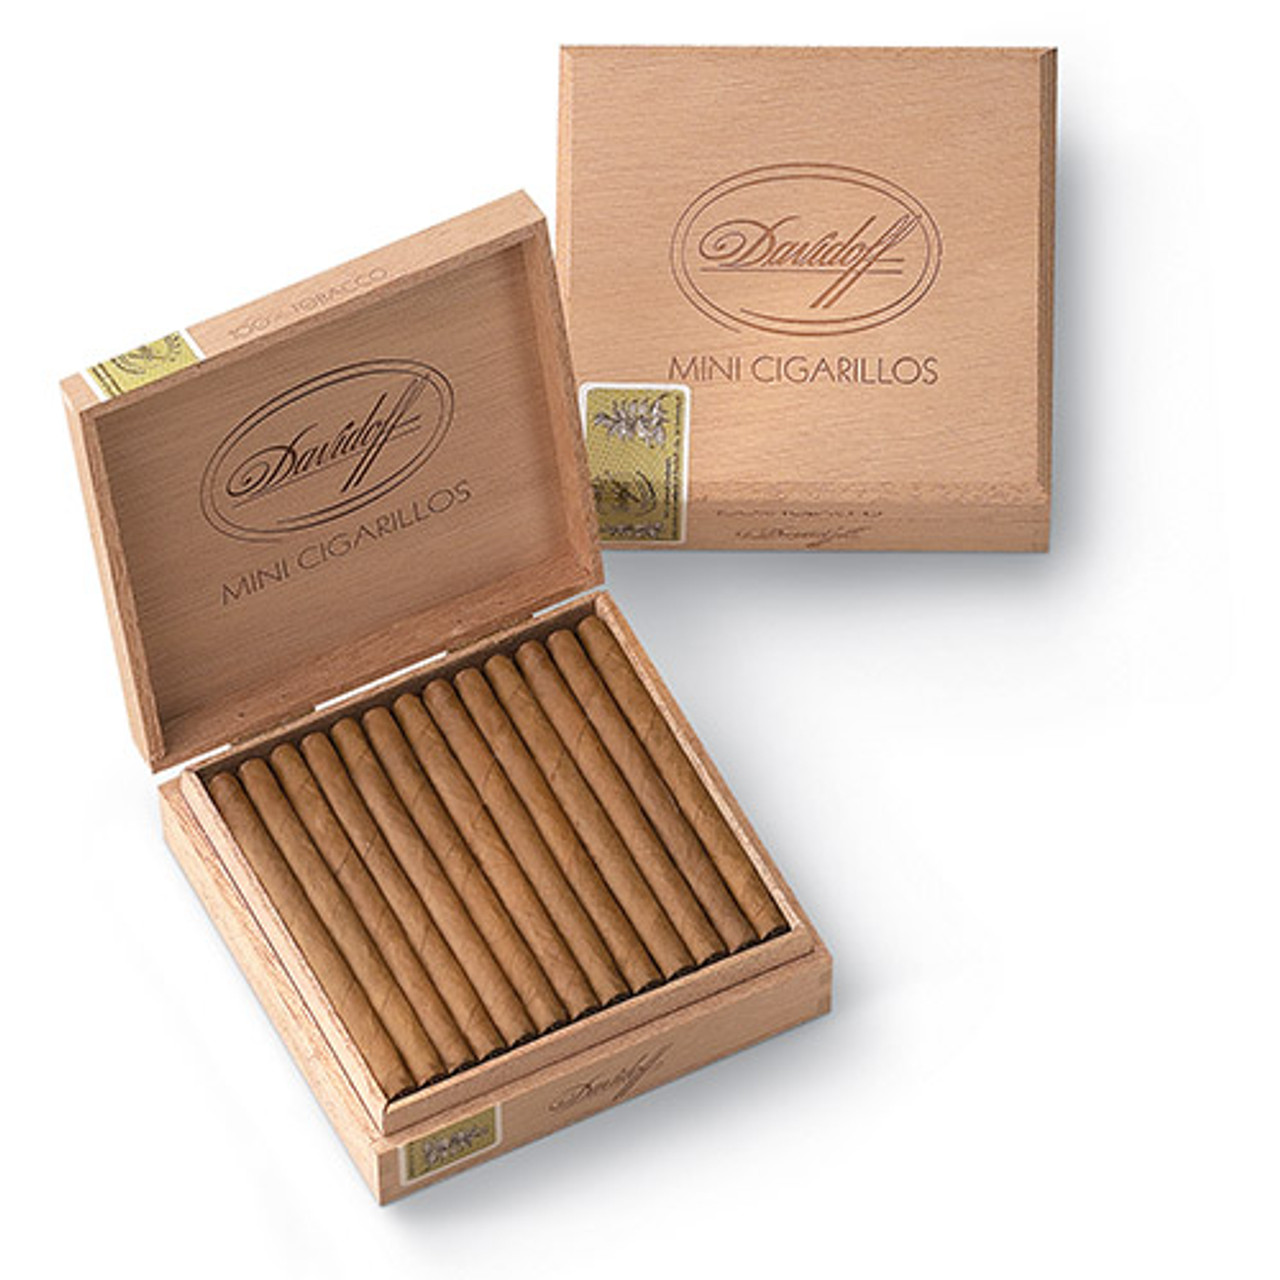 Davidoff Cigarillos and Small Cigars - Exquisitos Cigars - 3.62 x 22 (Box of 20)